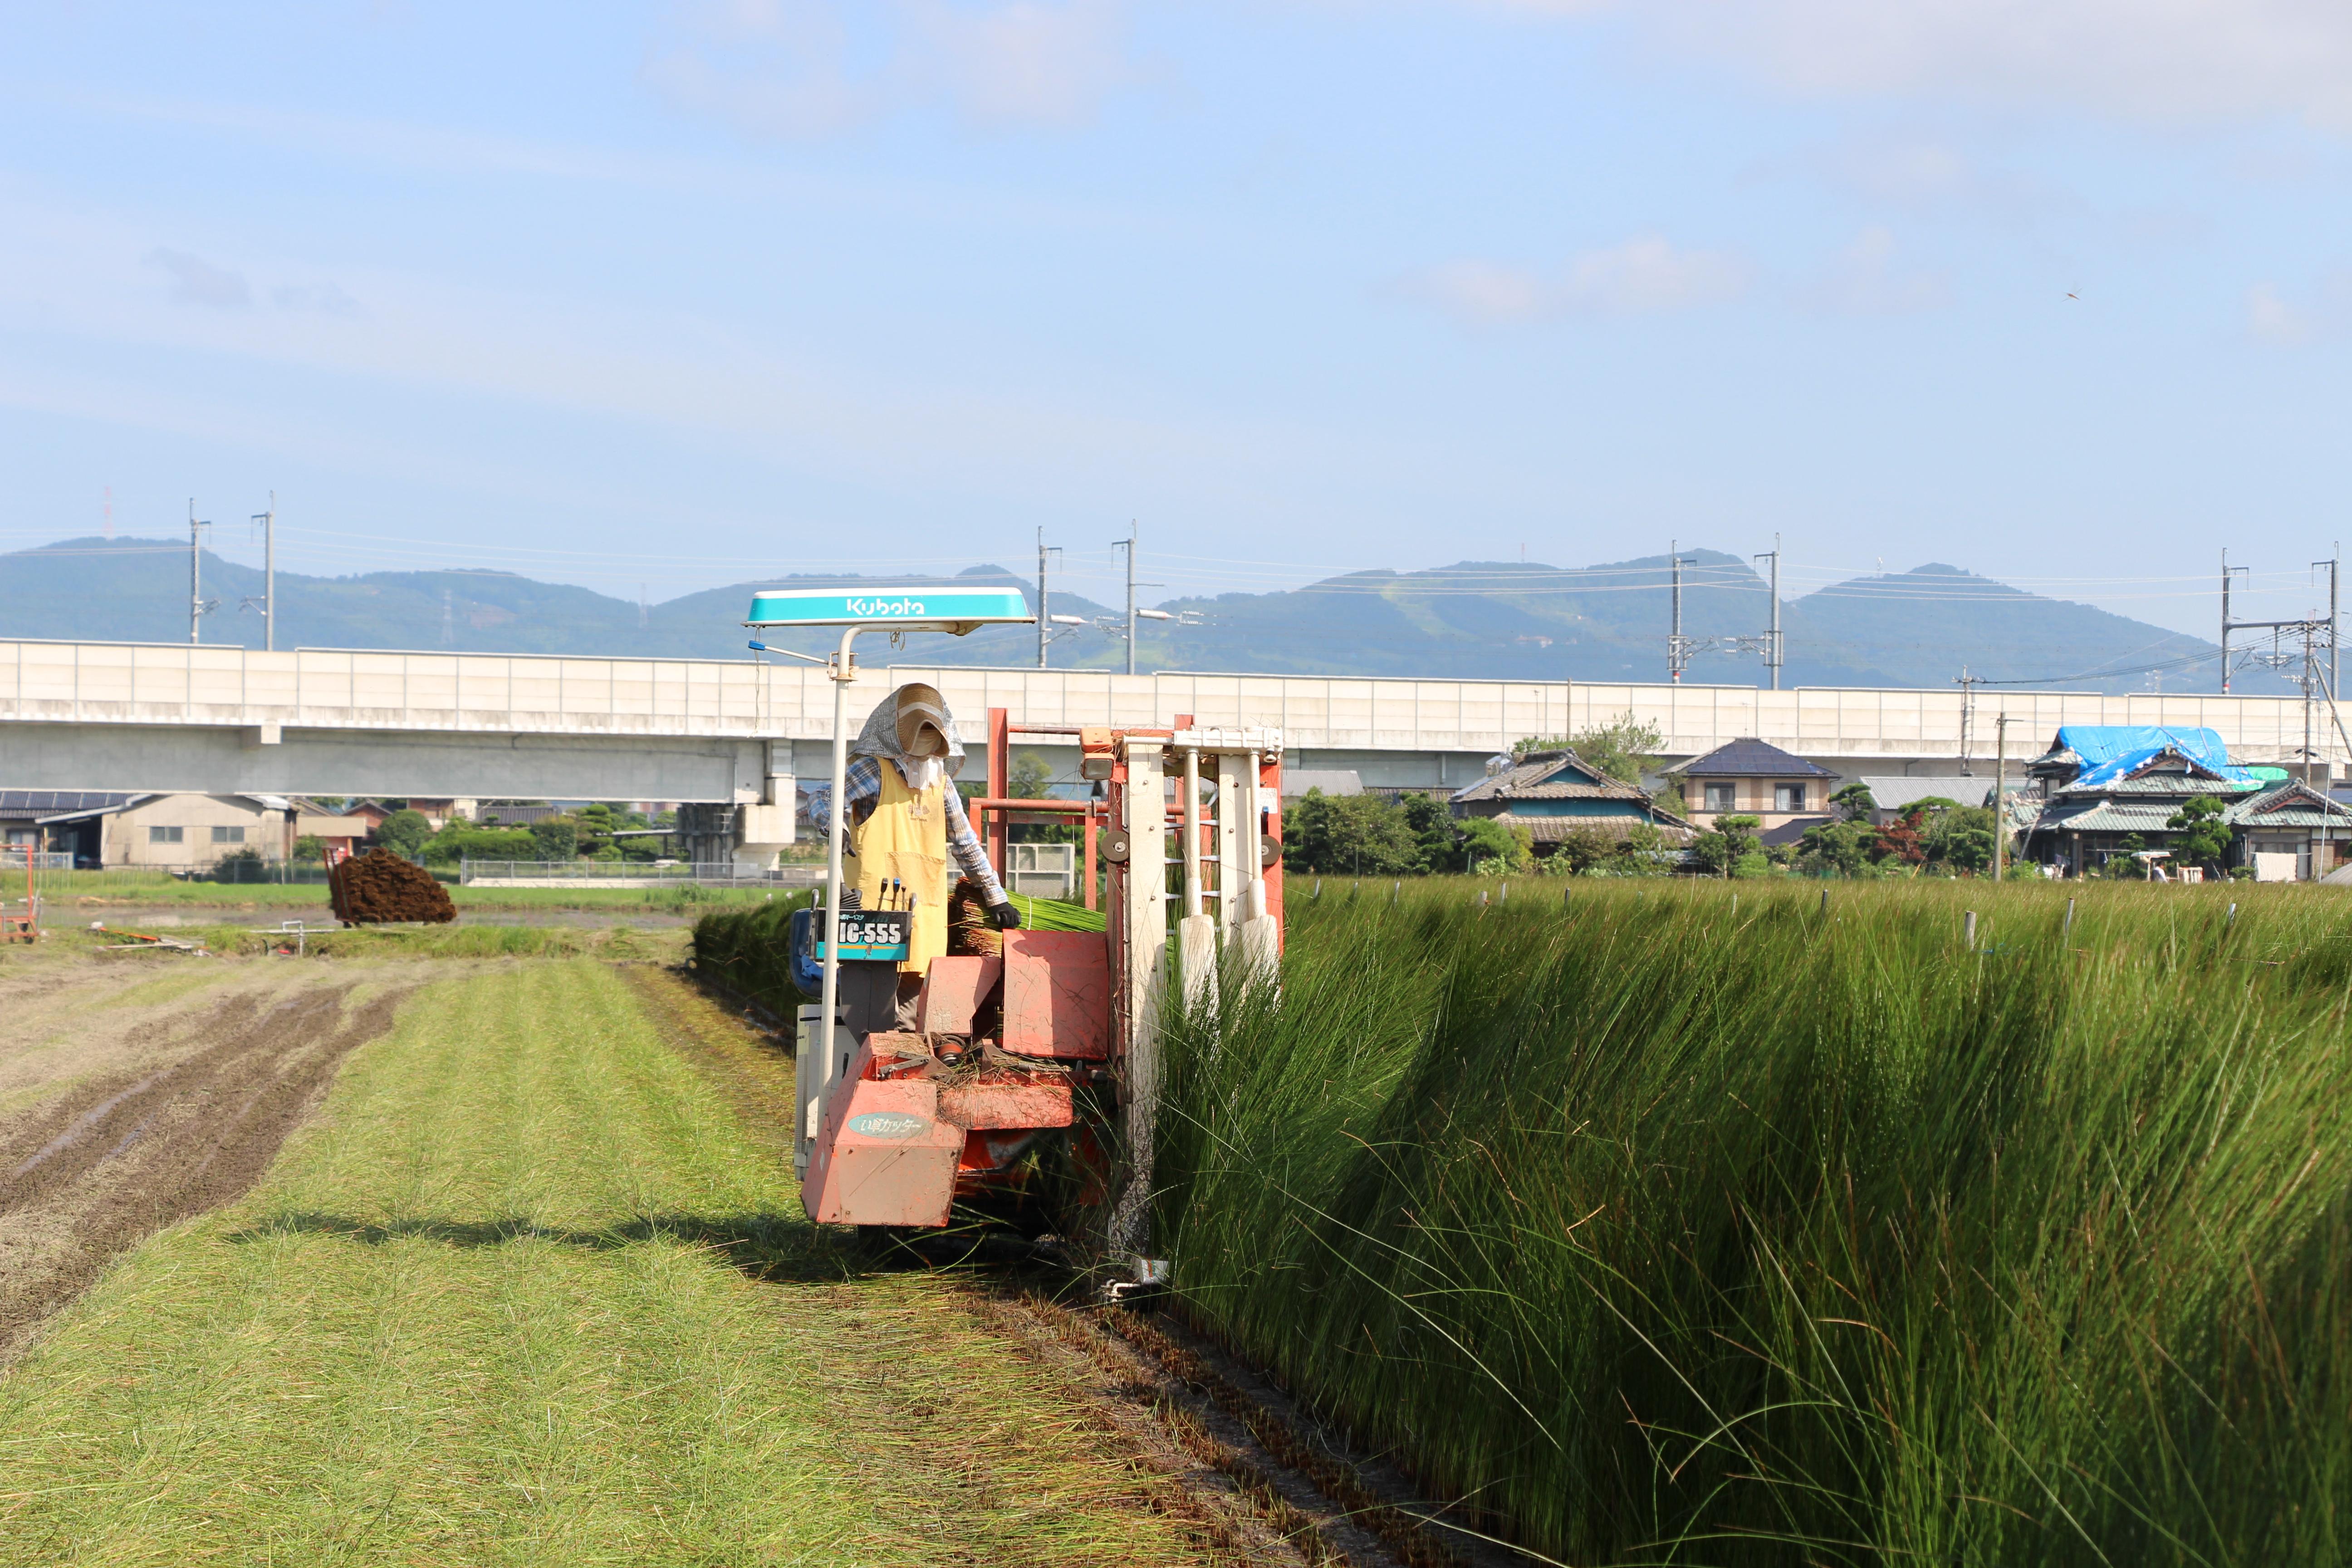 ふるさとの生活を豊かにする地場産業の育成に関する事業